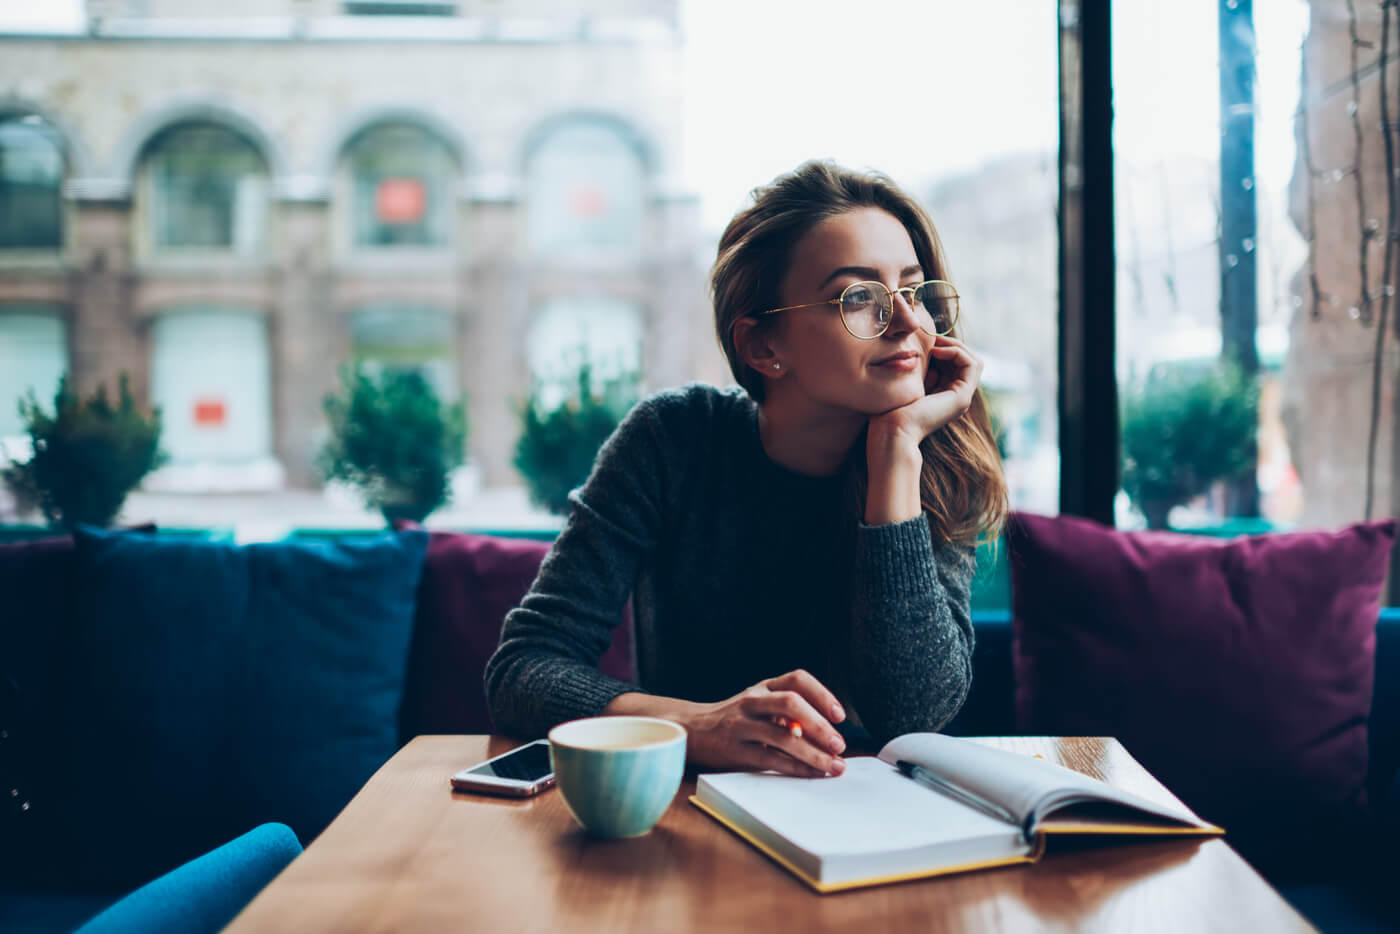 chica cafe leyendo pensando en buscar el placer